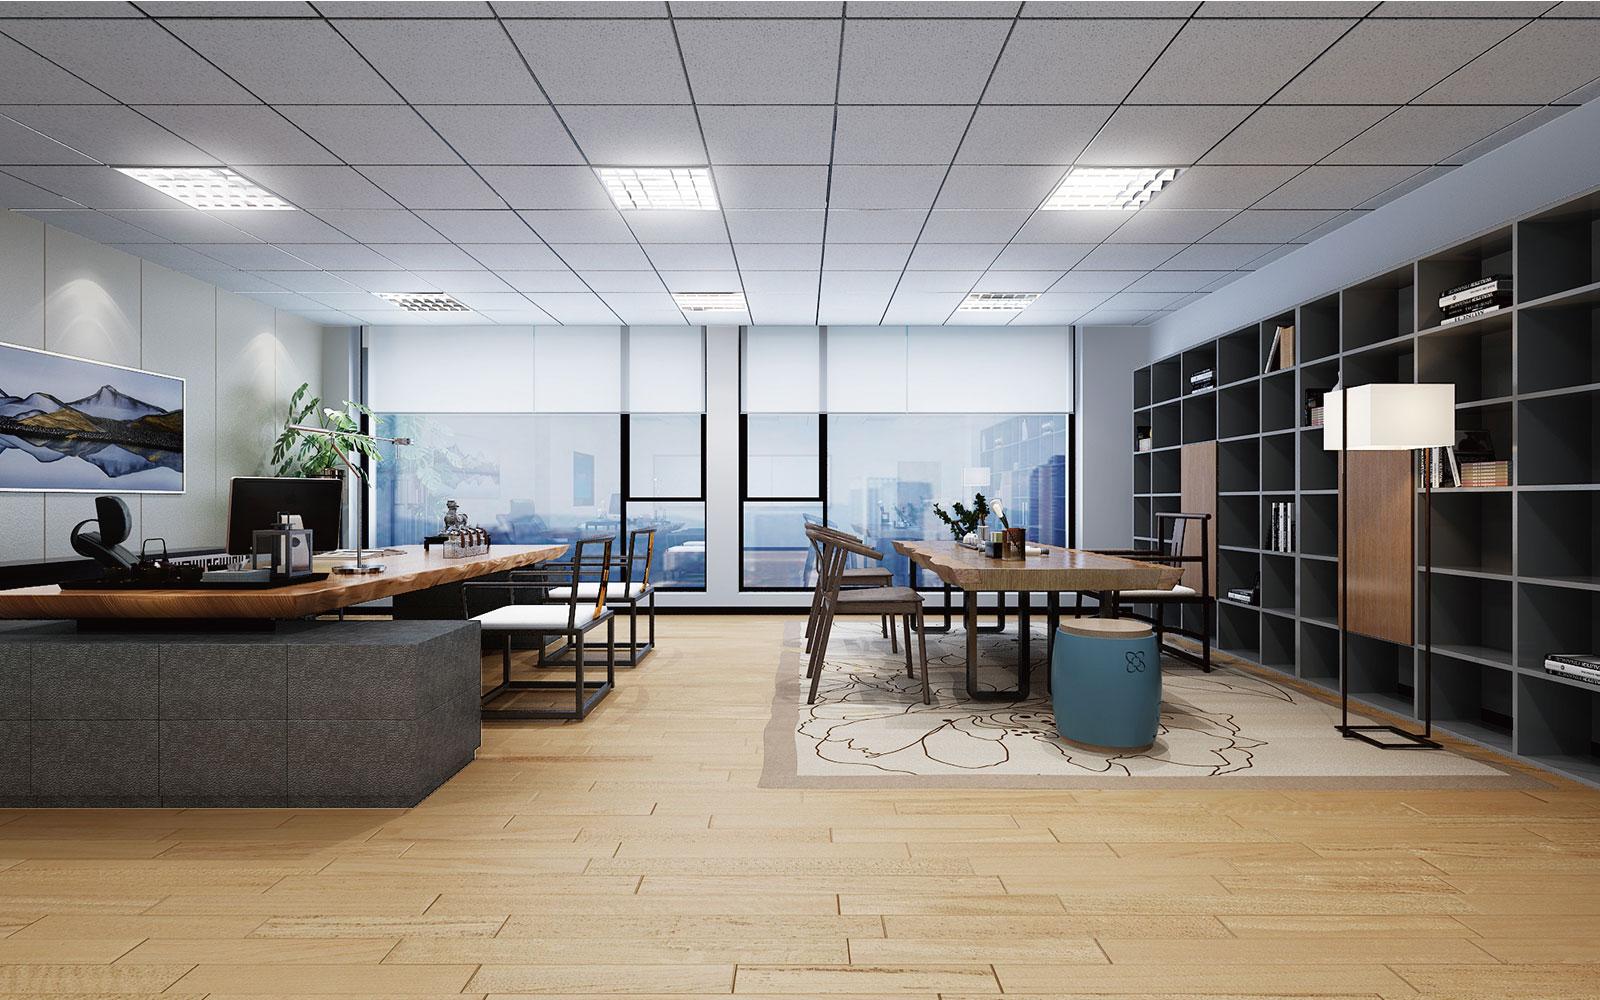 杭州空间设计师分析人体工学在教室空间设计中的应用措施